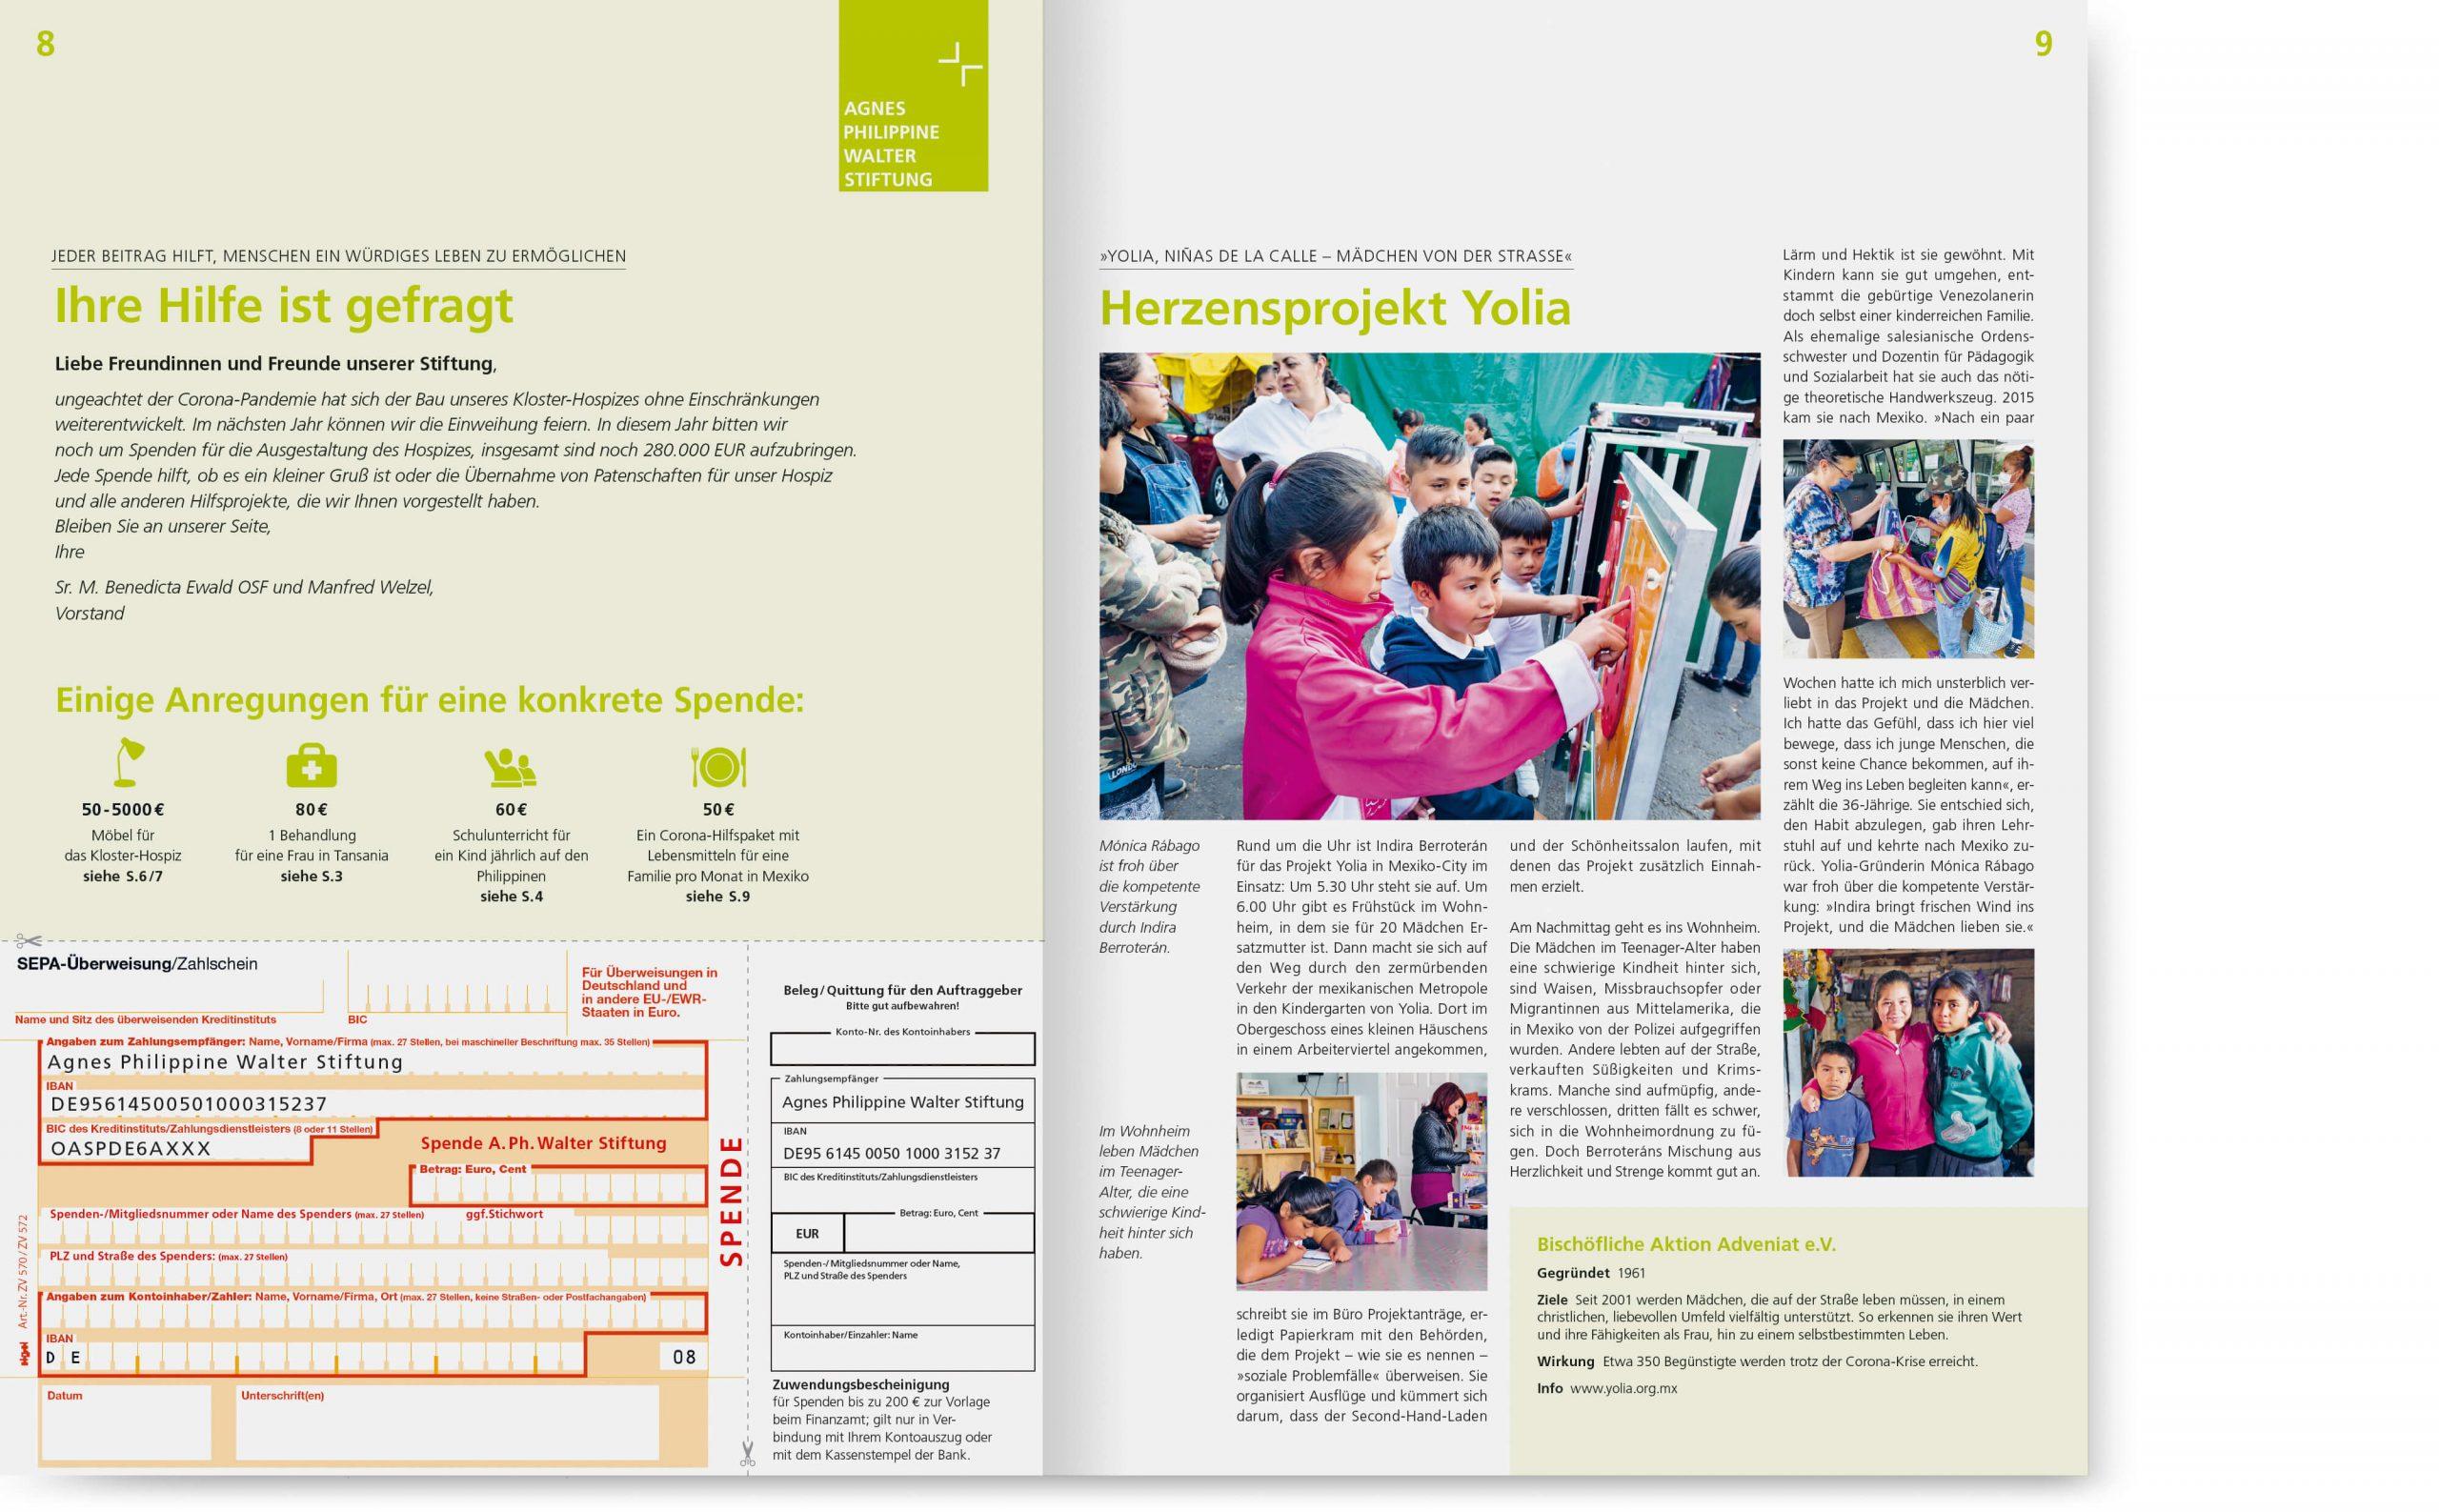 fh-web-APWS-Stiftungsbrief-2020-5-scaled.jpg